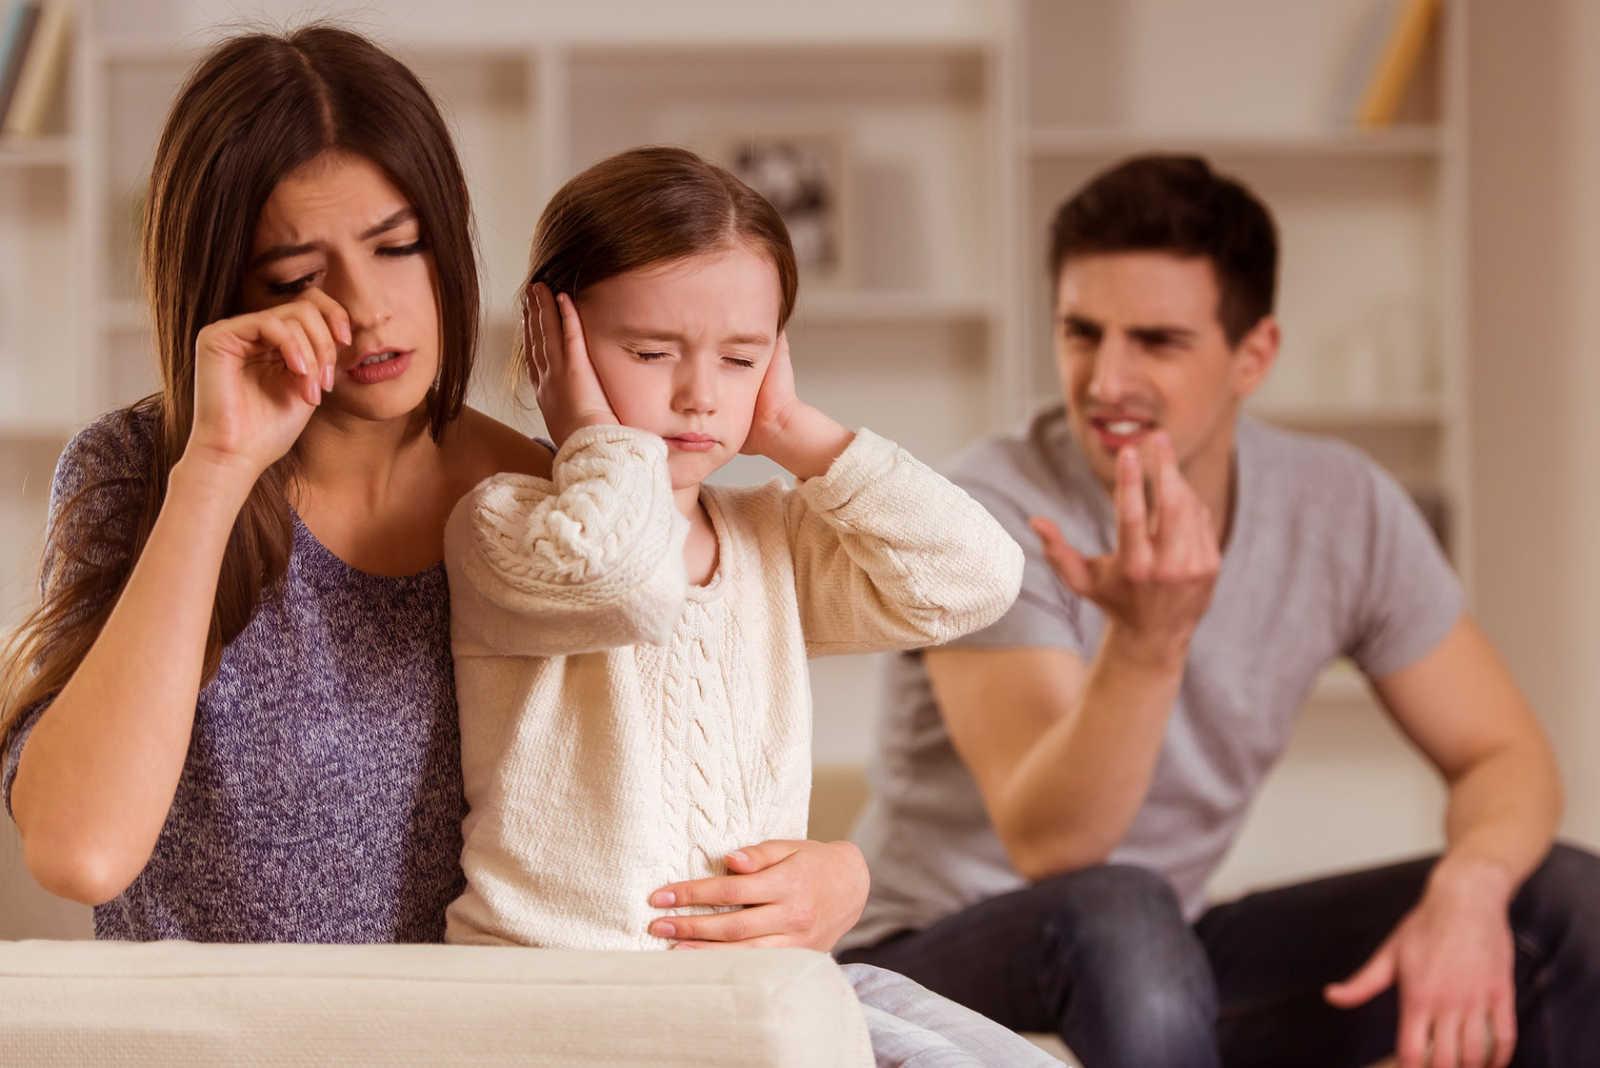 Скандалы в семье - что делать и как их прекратить